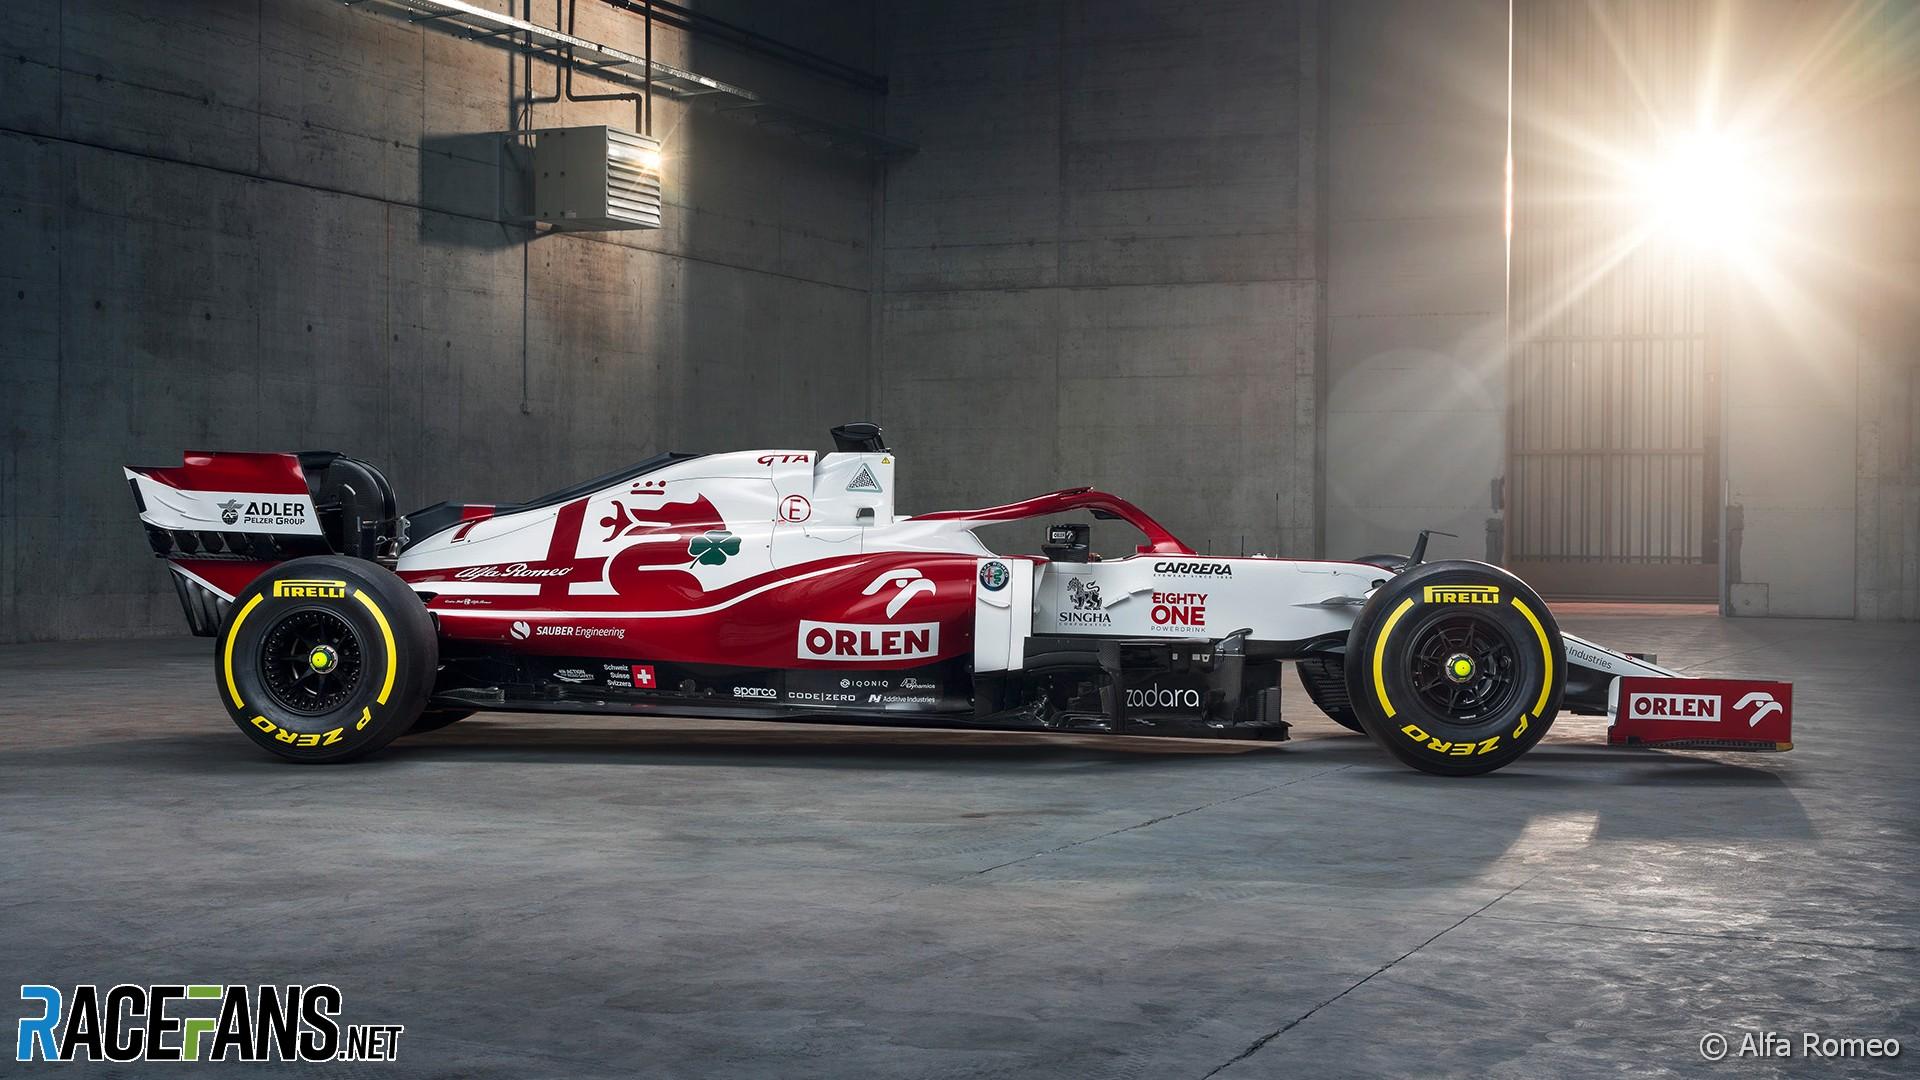 racefansdotnet-21-02-21-23-42-27-2.jpg